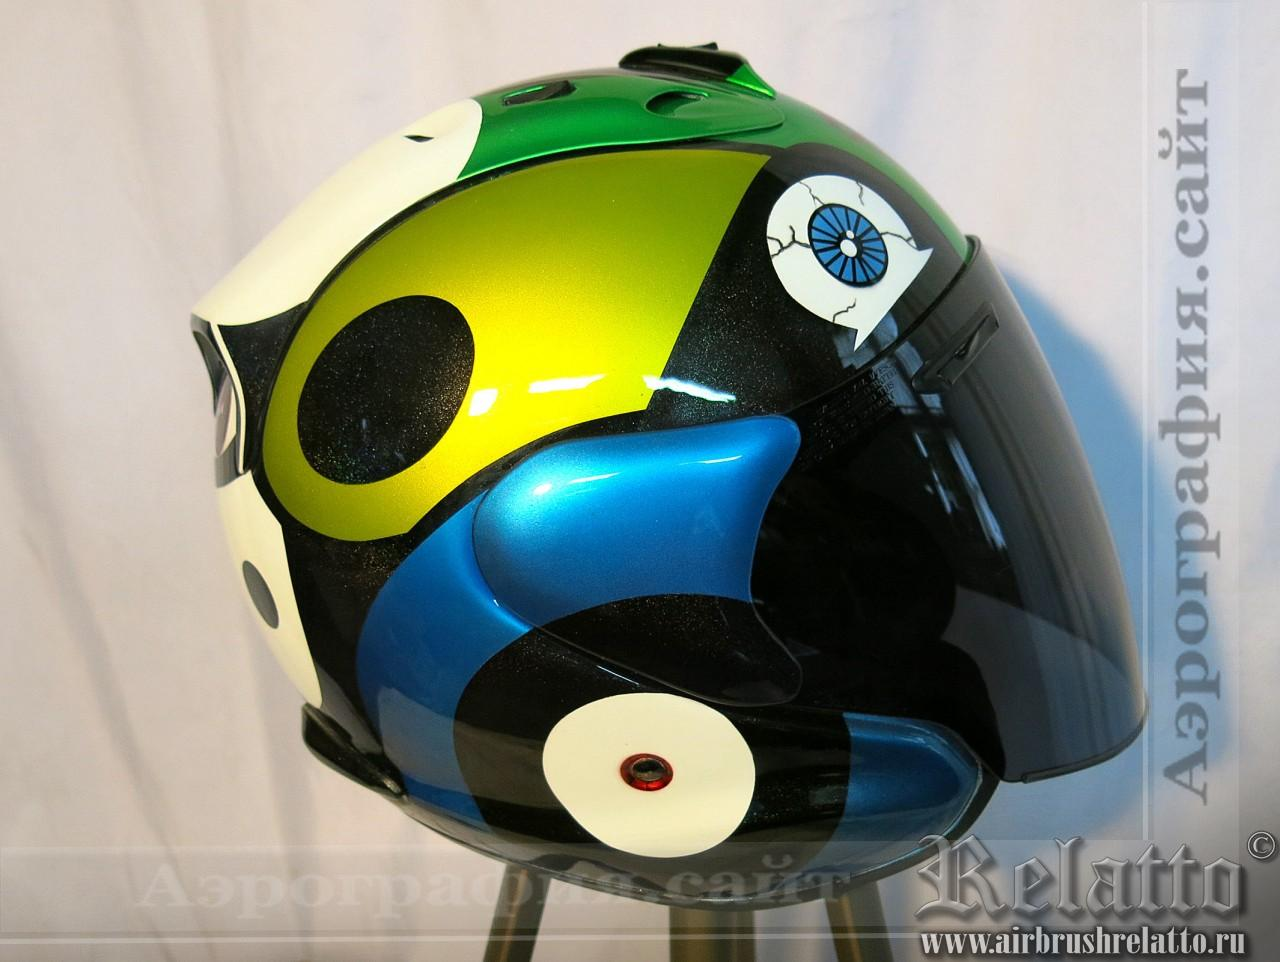 шлем Arai с дизайном